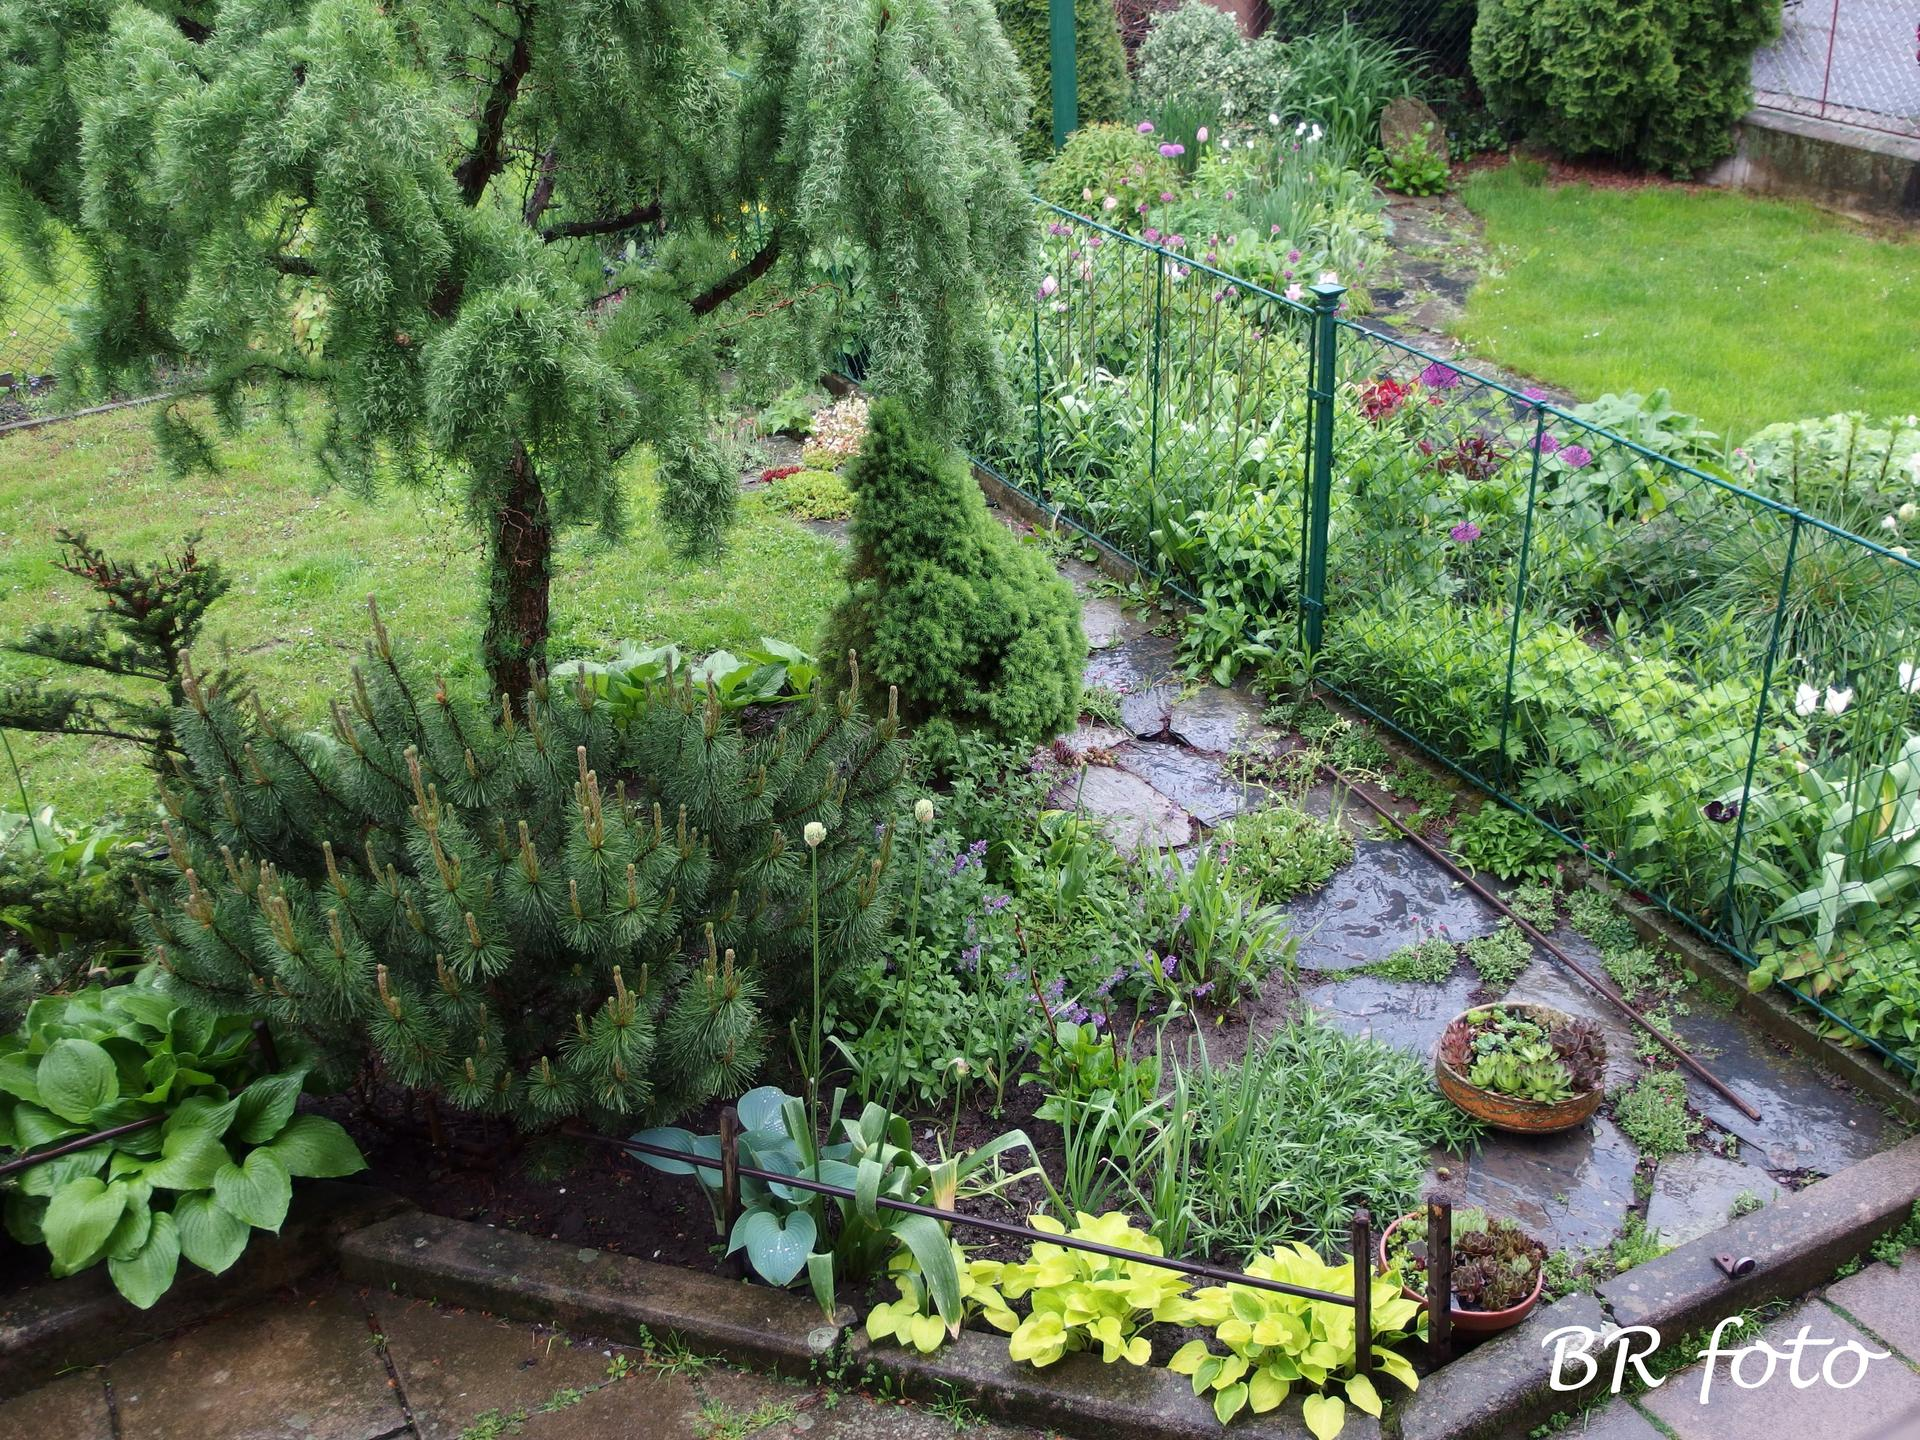 Pozvání do zahrady 2021 - za deště se nejlíp myjí okna, a tak jsem si z oken udělala i pár fotek upršené zahrady